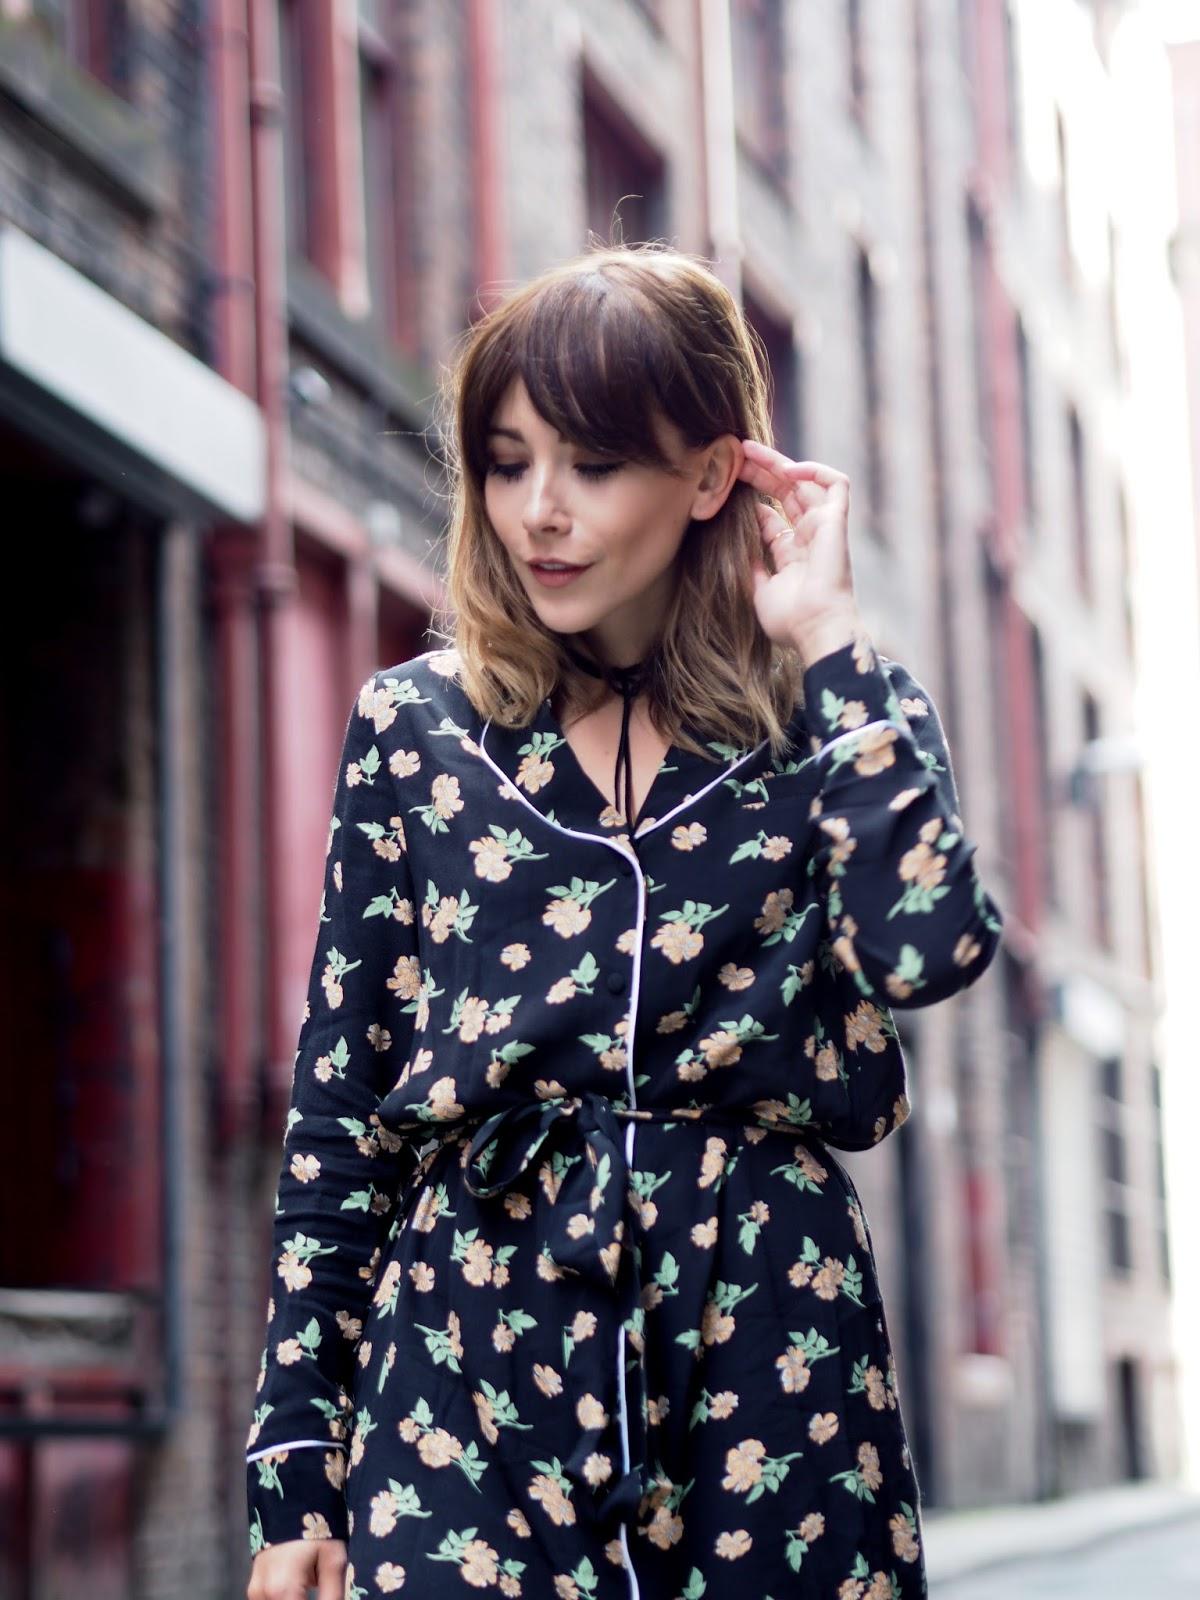 How to style pyjama dress